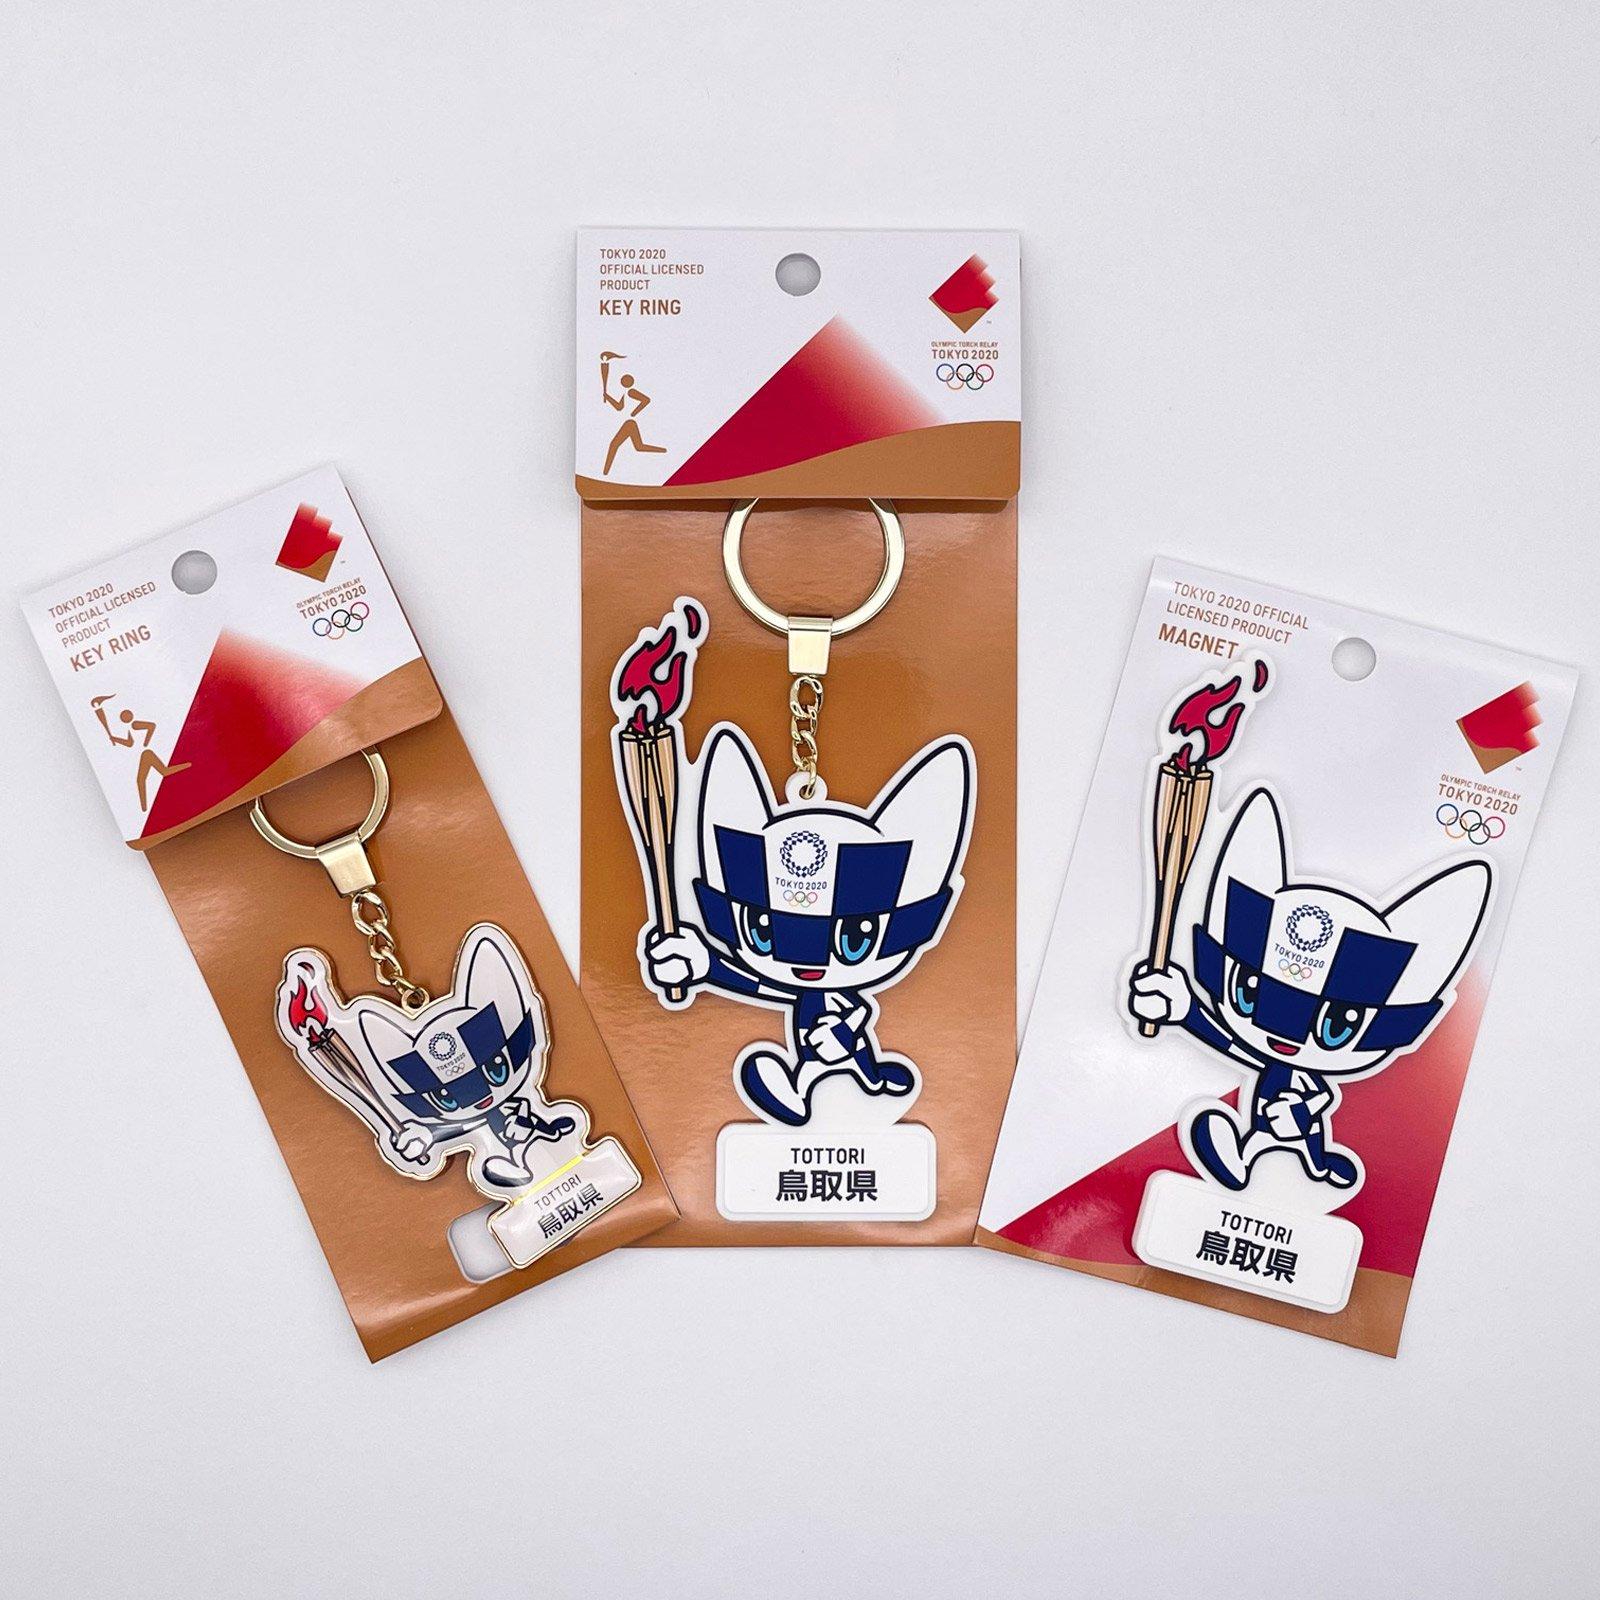 【セール価格】【お得なセット】東京2020オリンピック聖火リレーマスコット商品:鳥取県セット